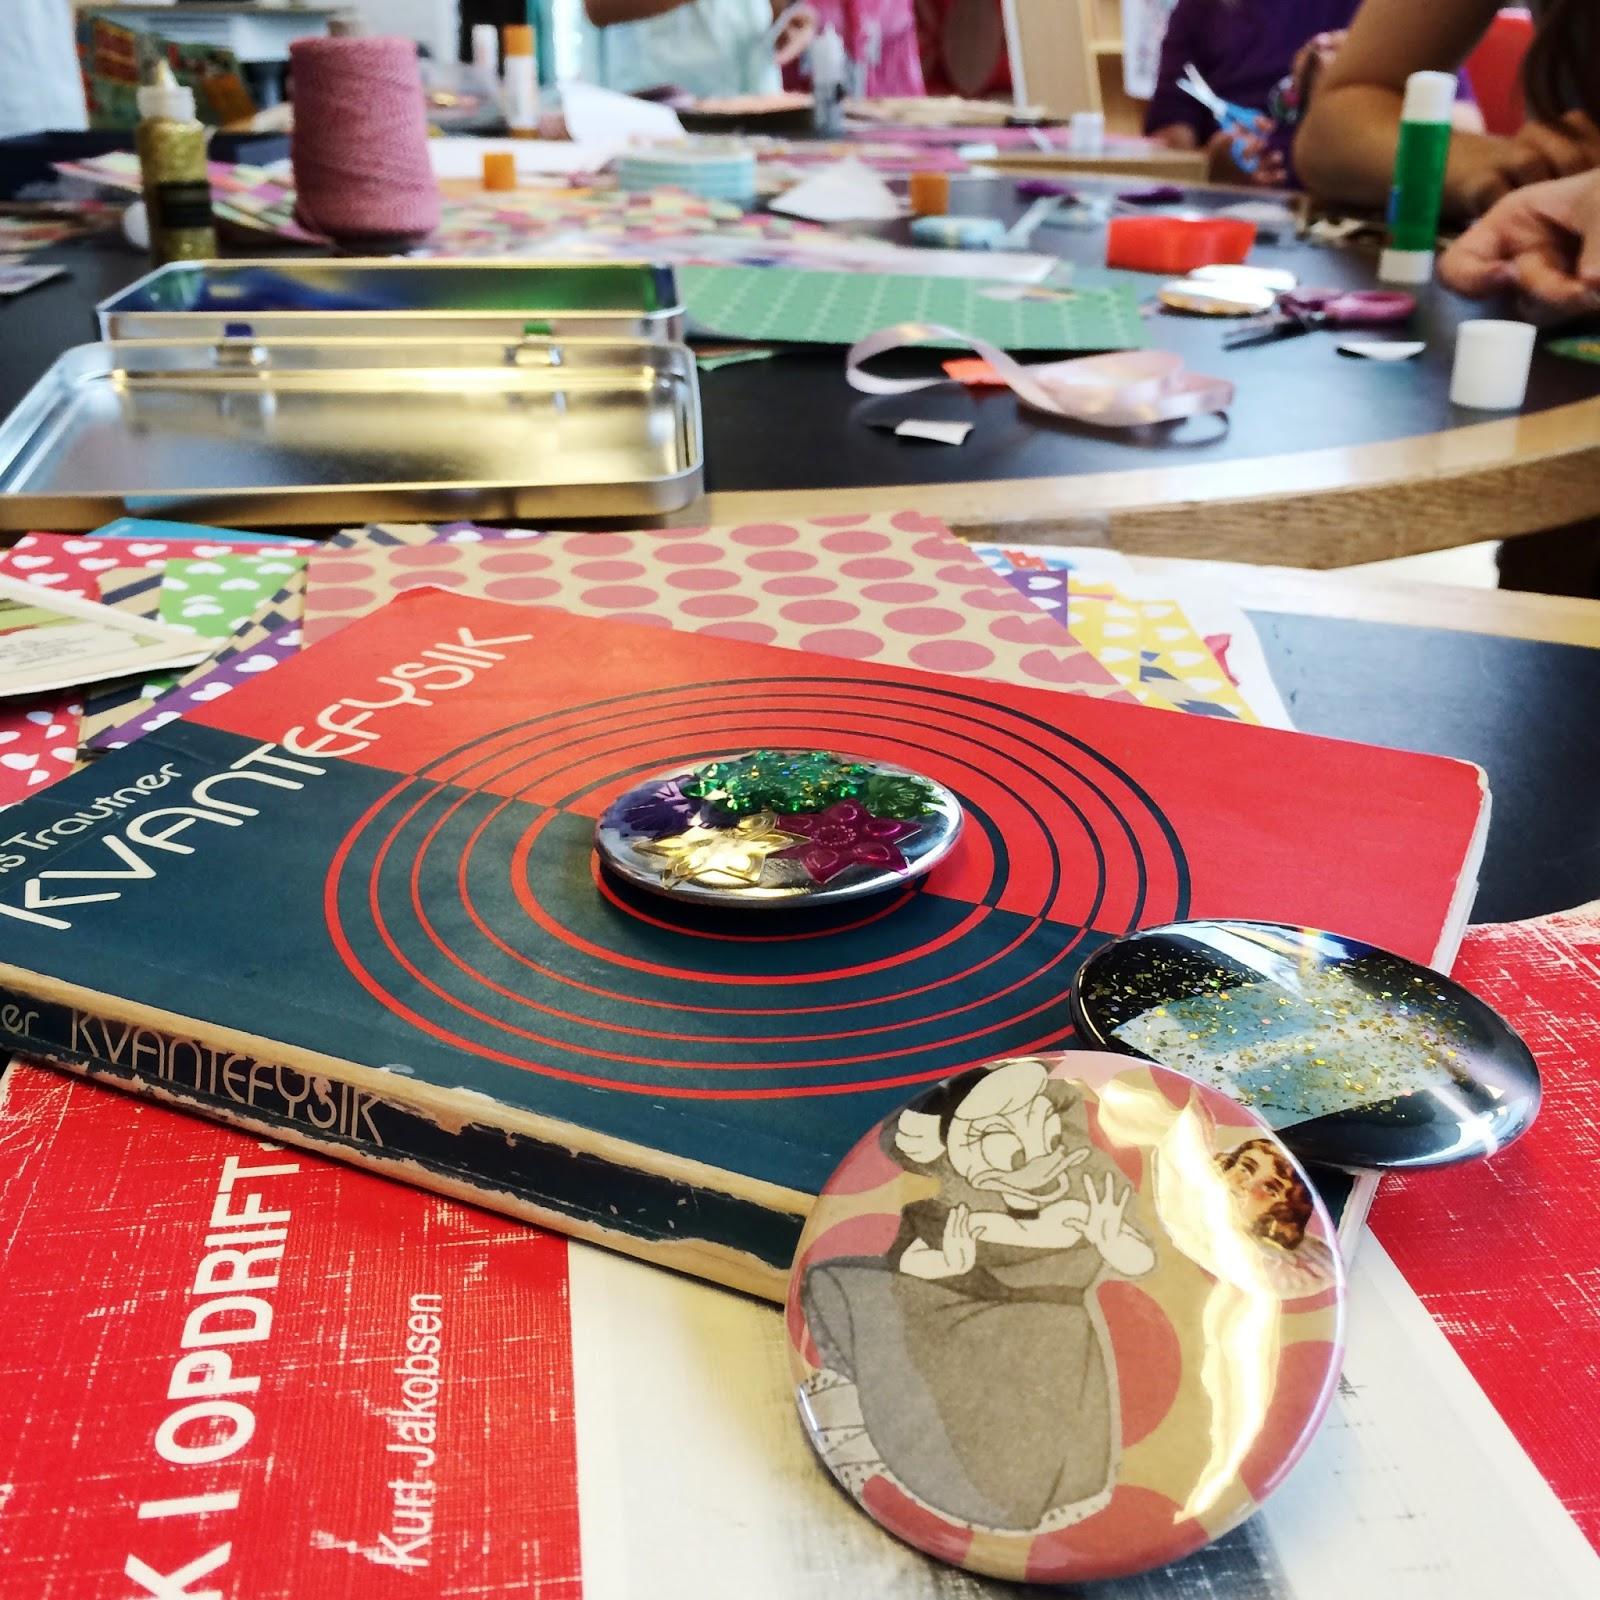 Kreative workshops for børn og unge v. Trine Kok fra Meraki